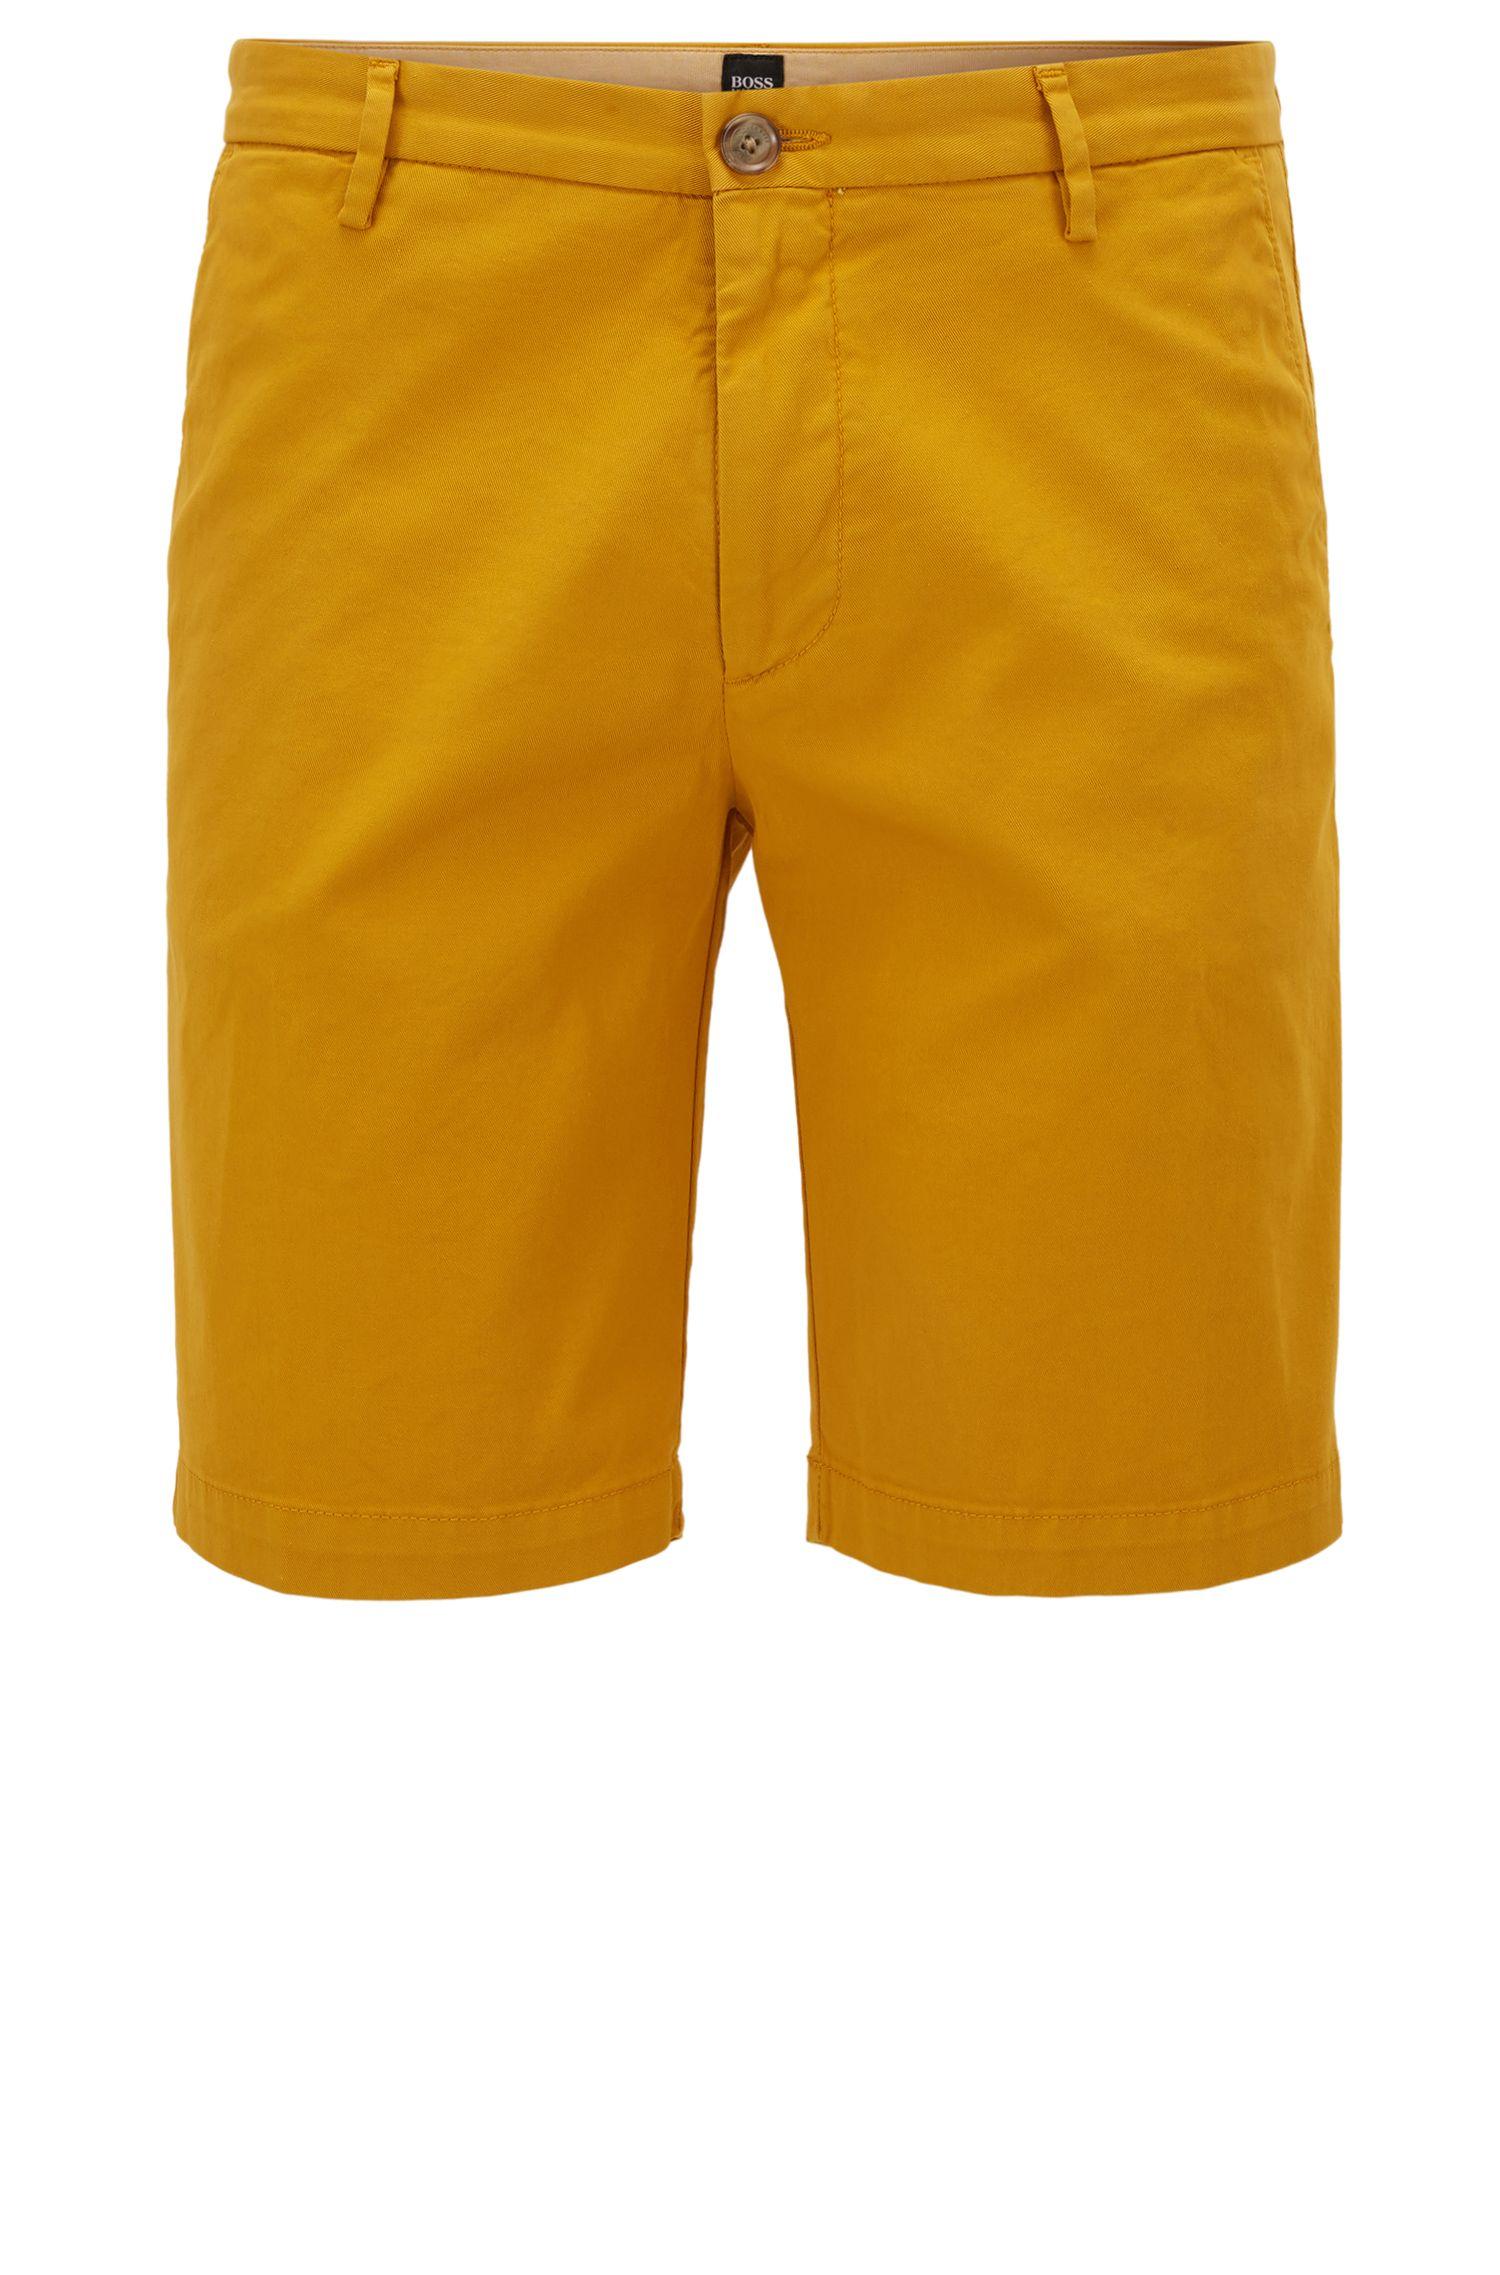 Shorts slim fit en tejido de gabardina de algodón elástico